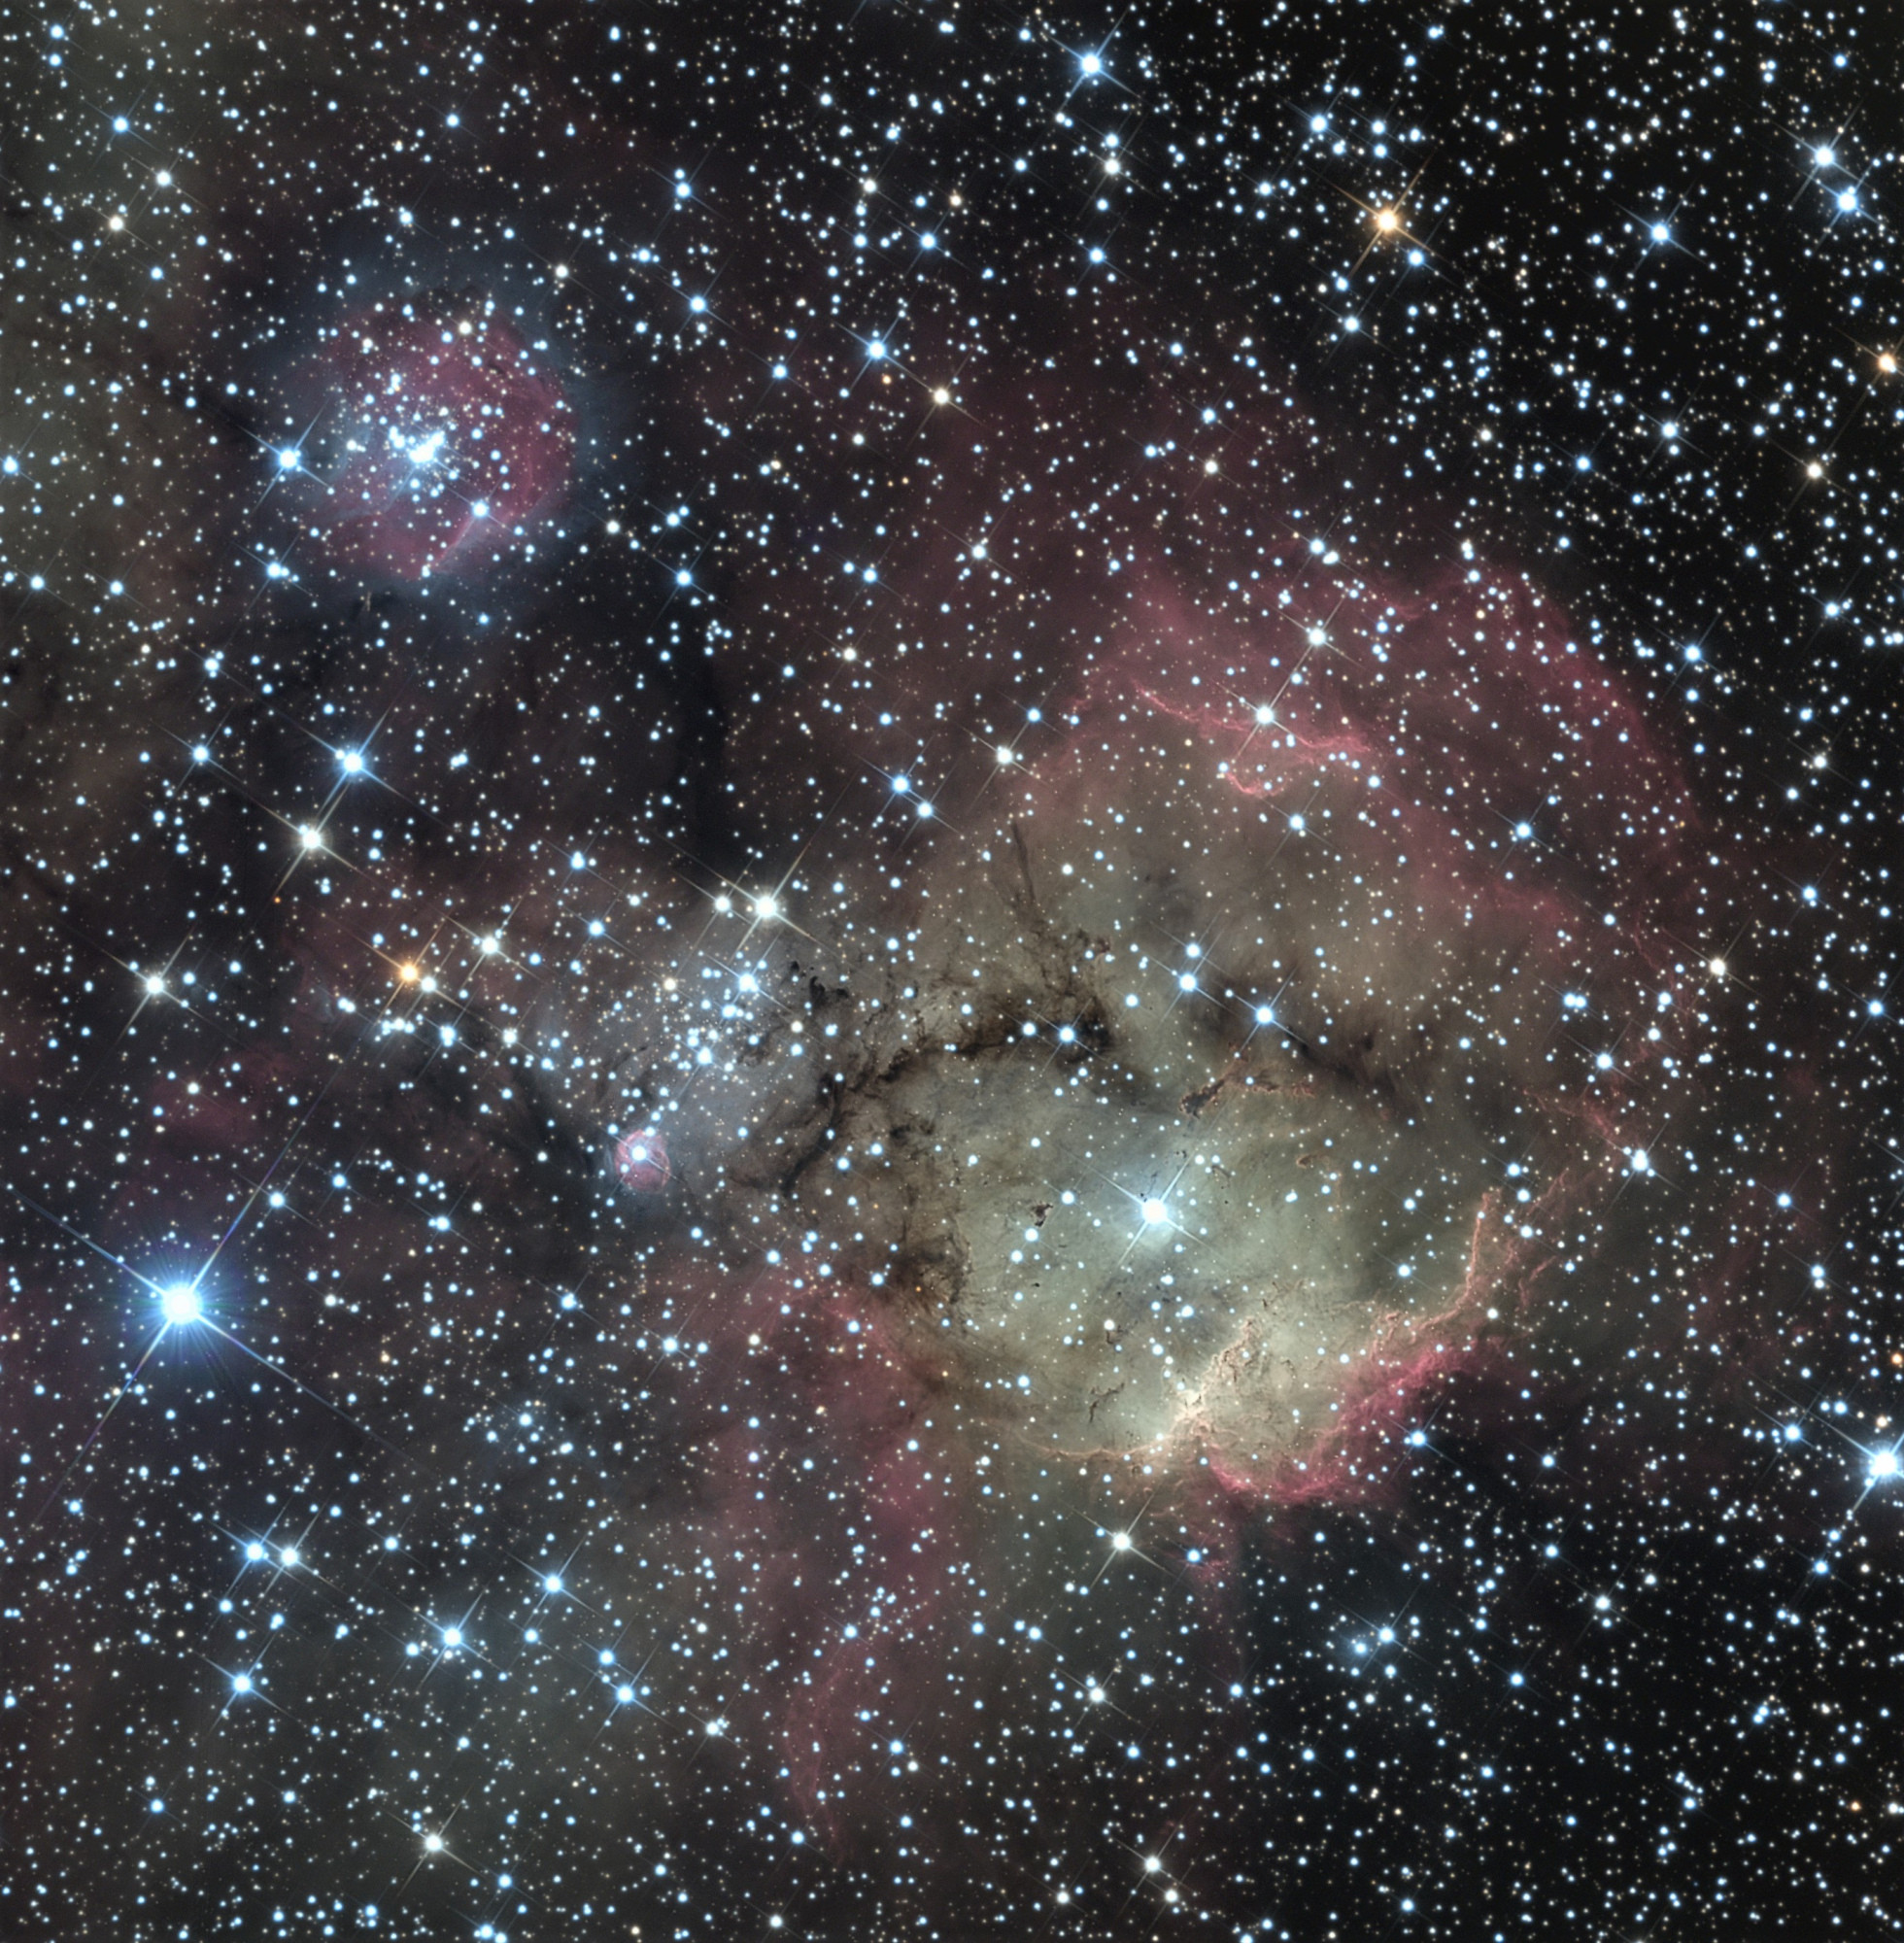 NGC2467LRVB-V3-Crop-Sature.thumb.jpg.82f9be3932ea03a66569aaa698983fbf.jpg